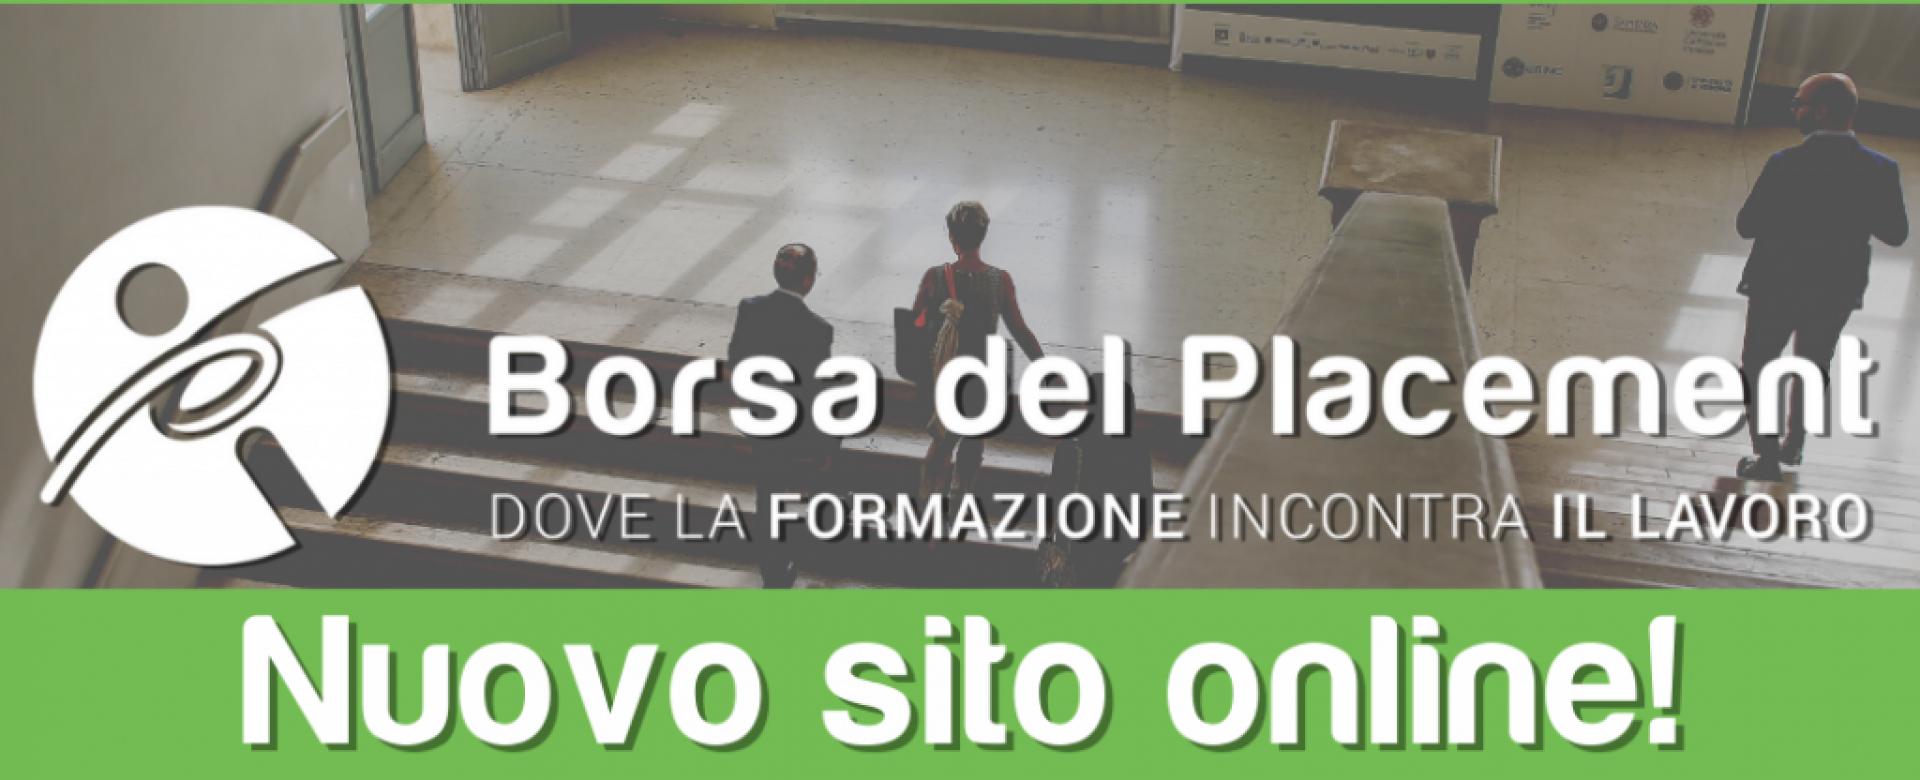 28.07.2020 - Siamo online! Nuovo sito della Borsa del Placement